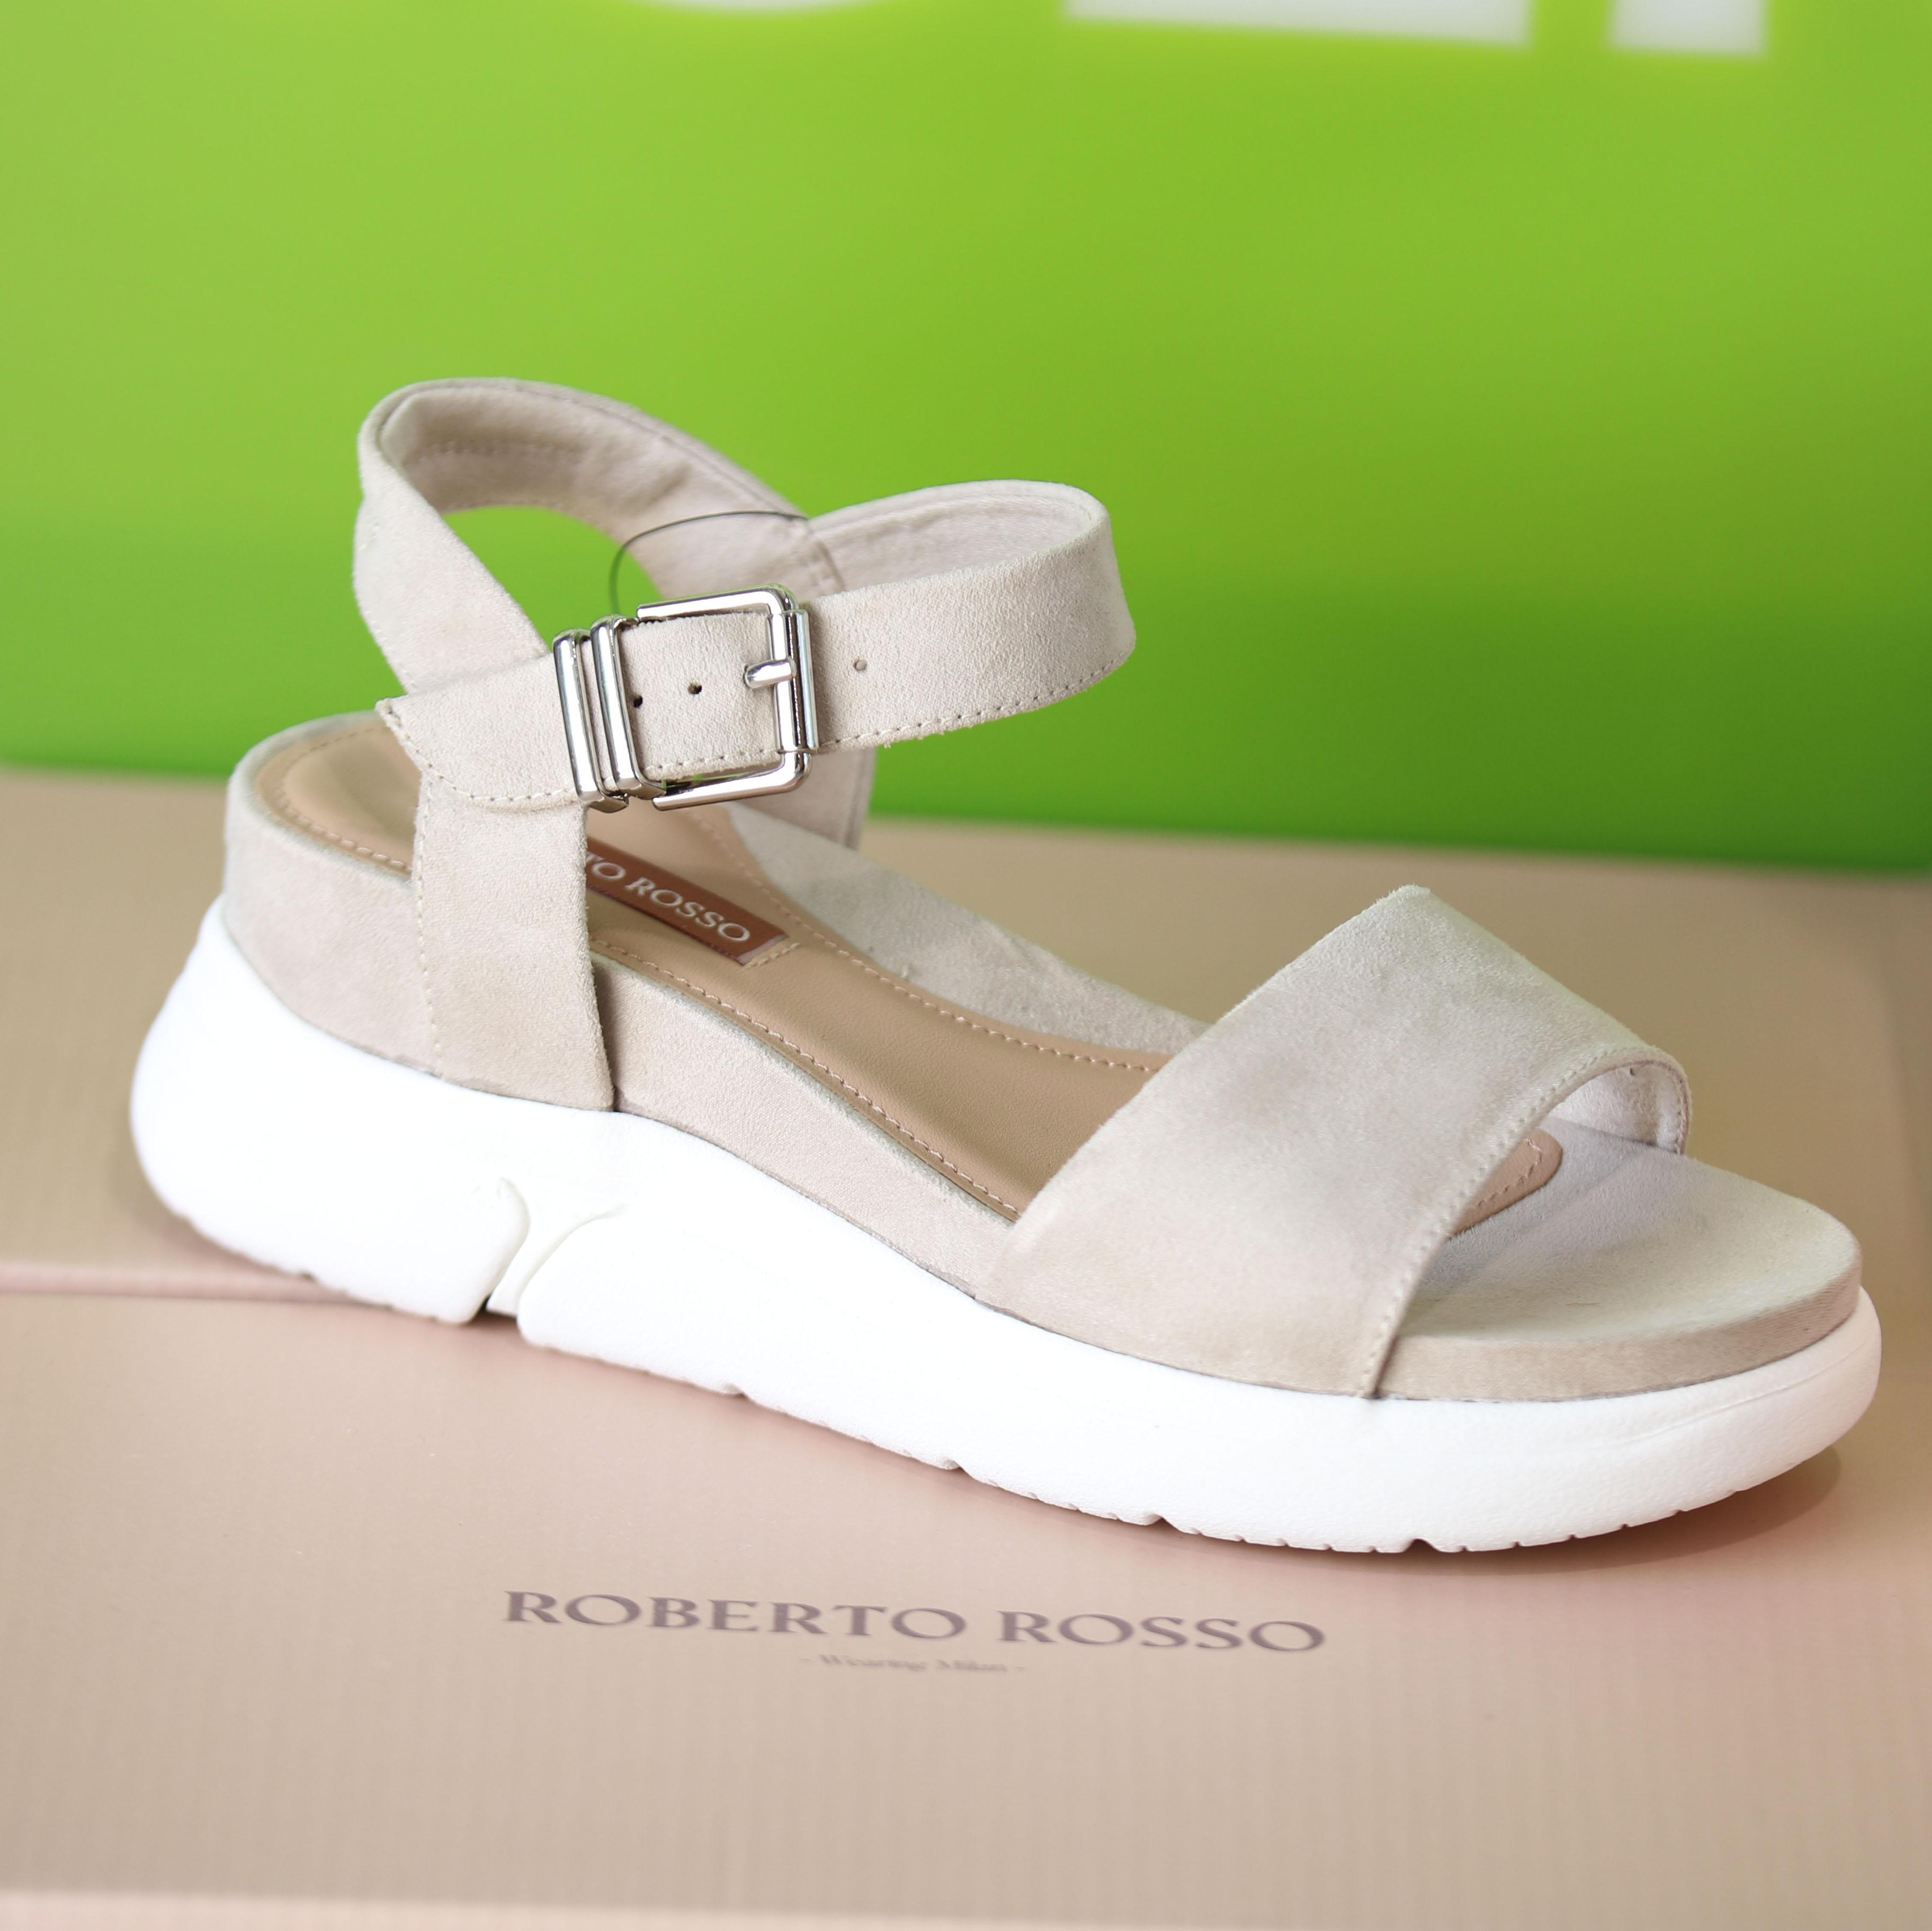 roberto rosso – akkira green sandal grønn sommer dame1